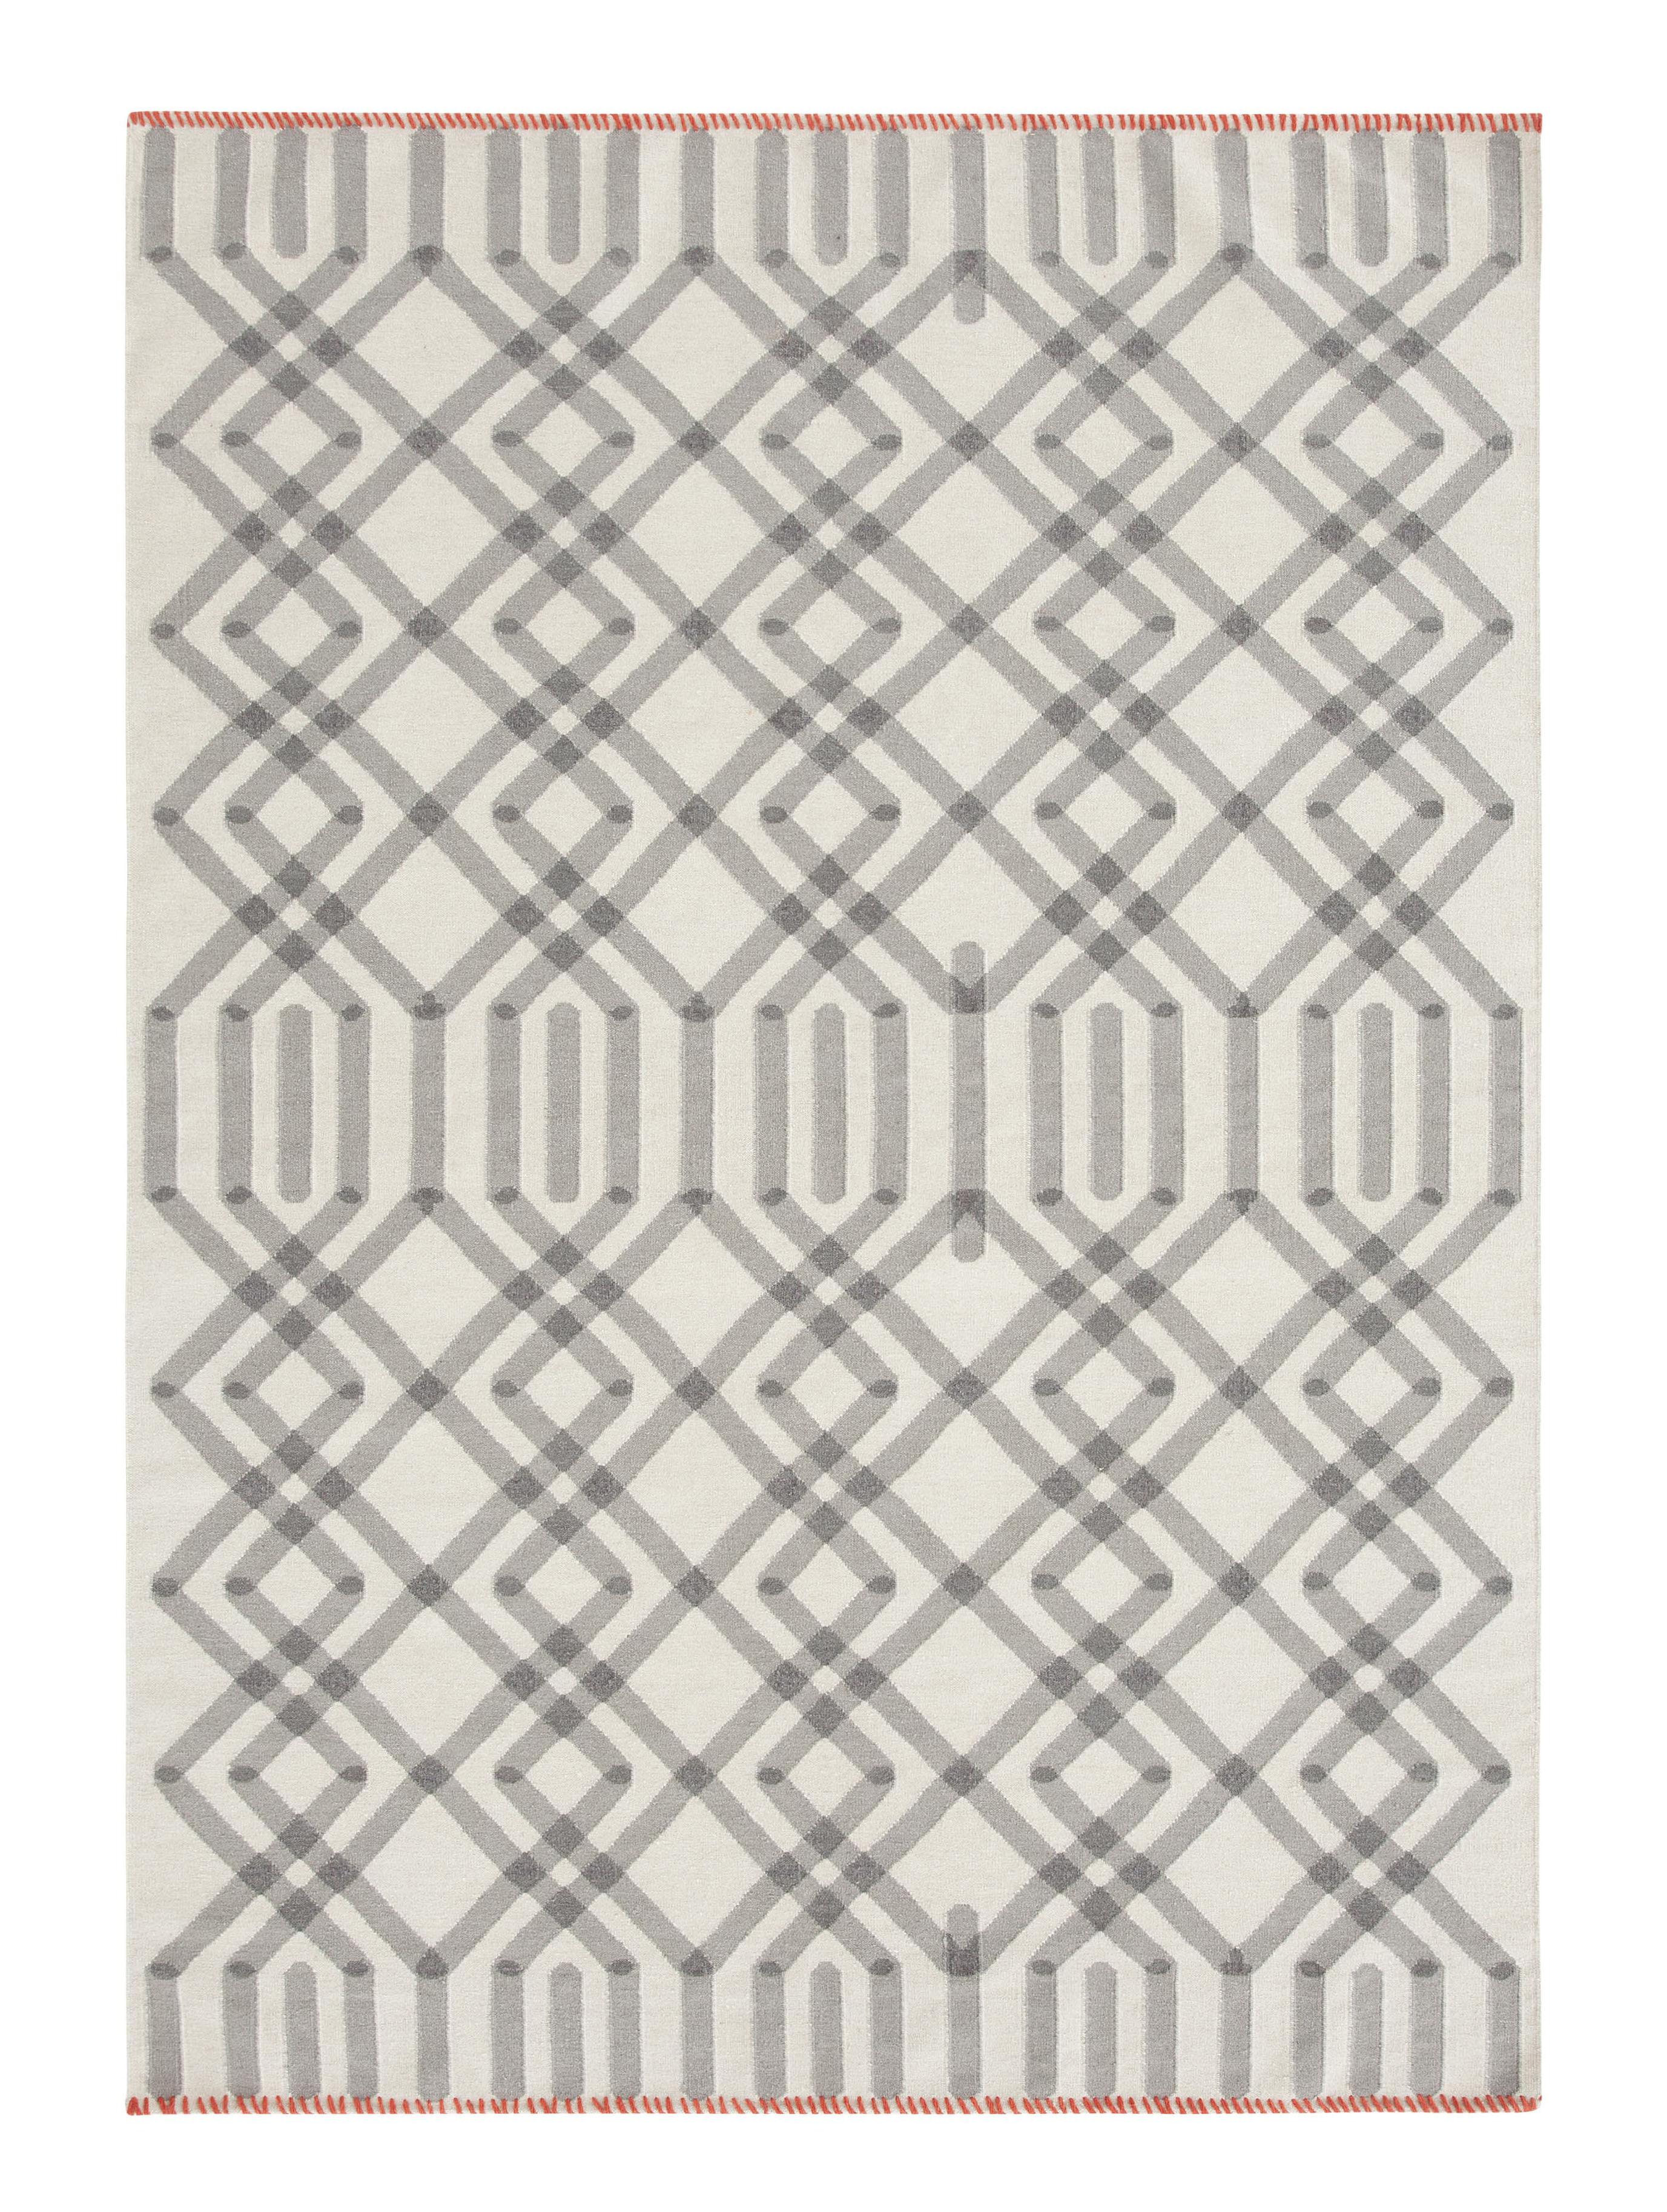 Dekoration - Teppiche - Duna Kilim Teppich / 170 x 240 cm - Wendeteppich - Gan - Weiß & grau / Abschlussnähte rot - Wolle